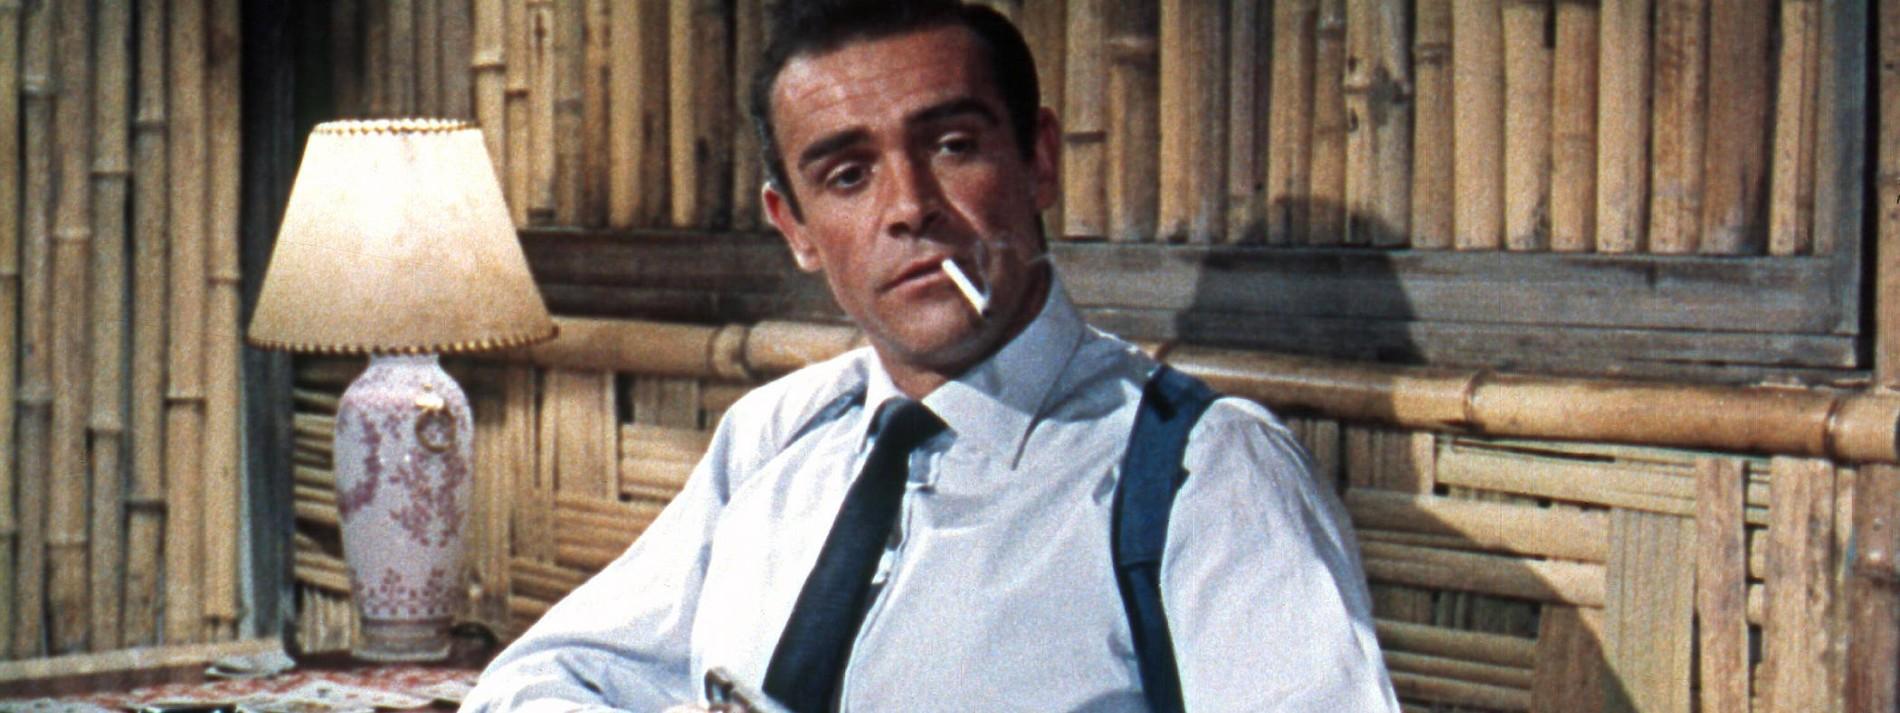 Der höfliche Mister Connery